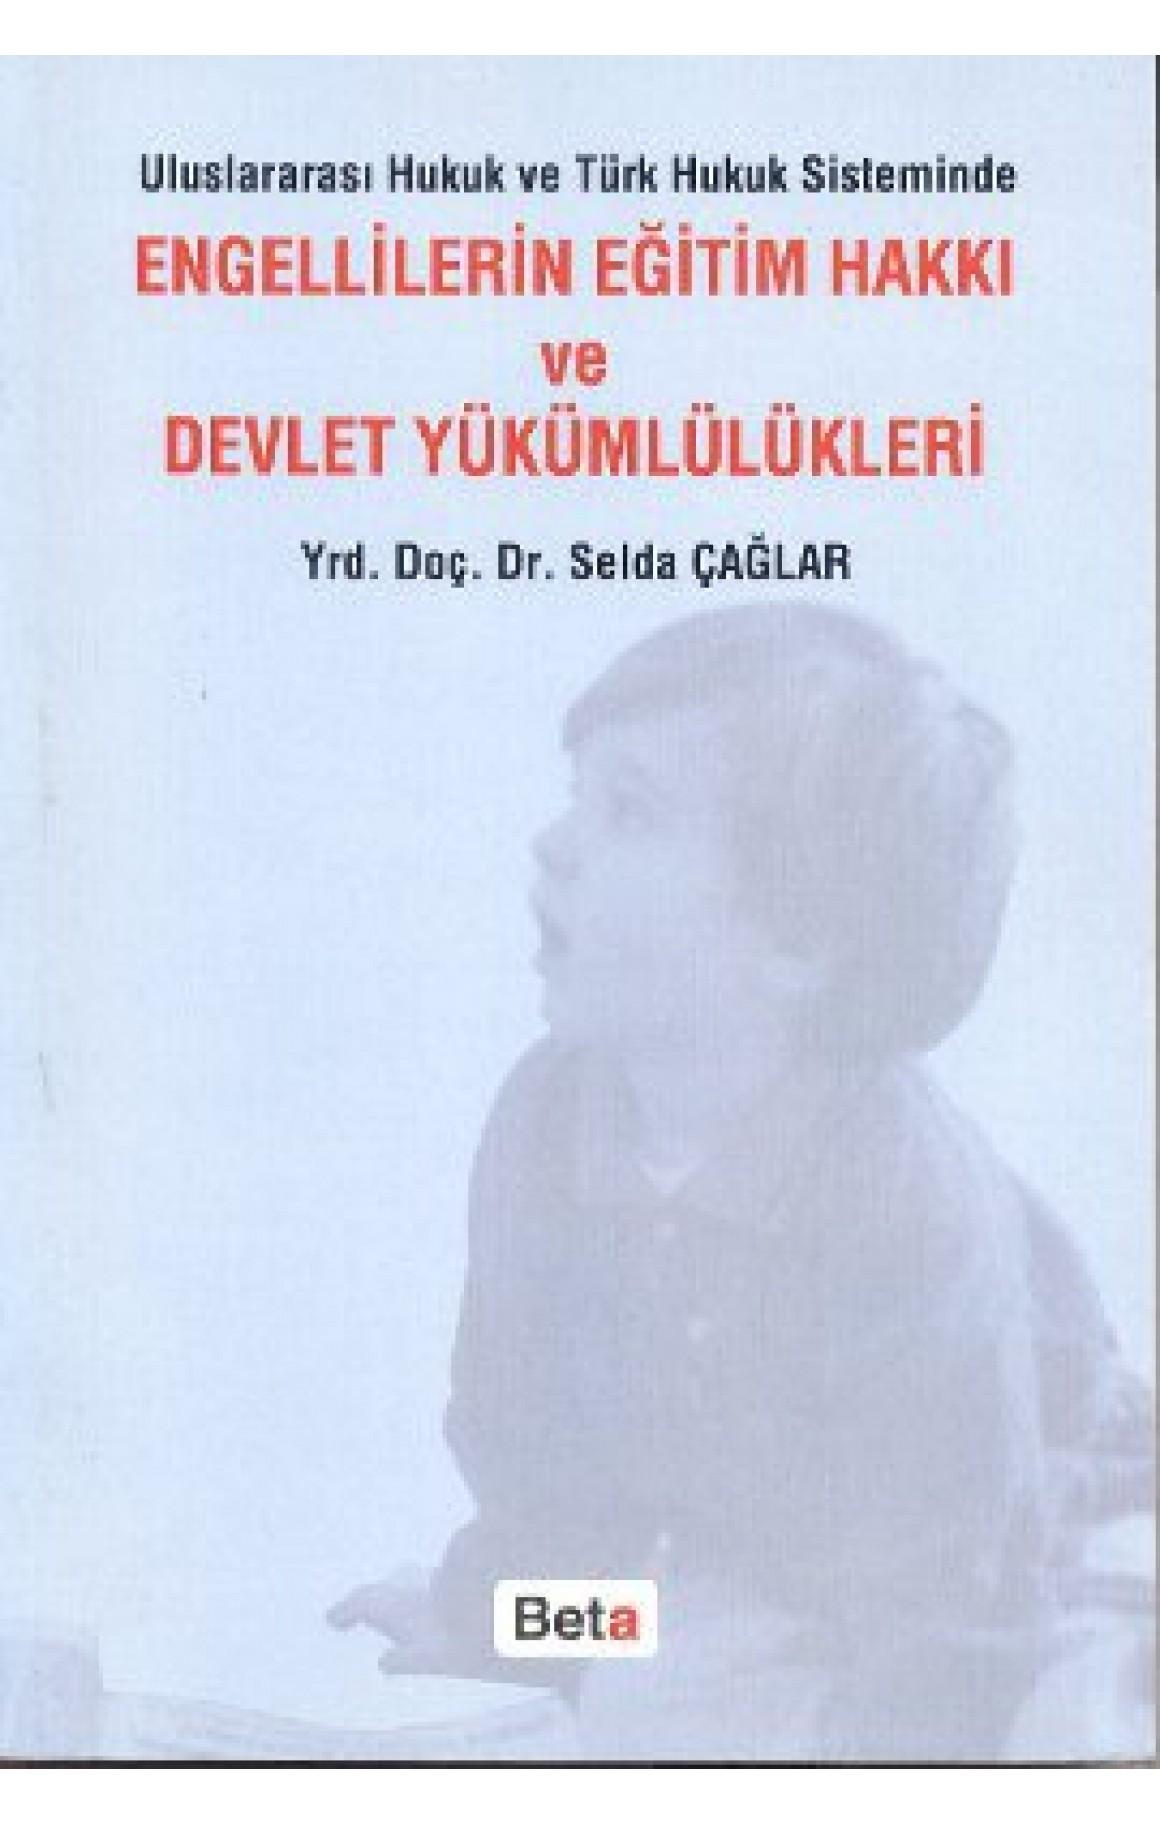 Uluslararası Hukuk ve Türk Hukuk Sisteminde Engellilerin Eğitim Hakkı ve Devlet Yükümlülükleri